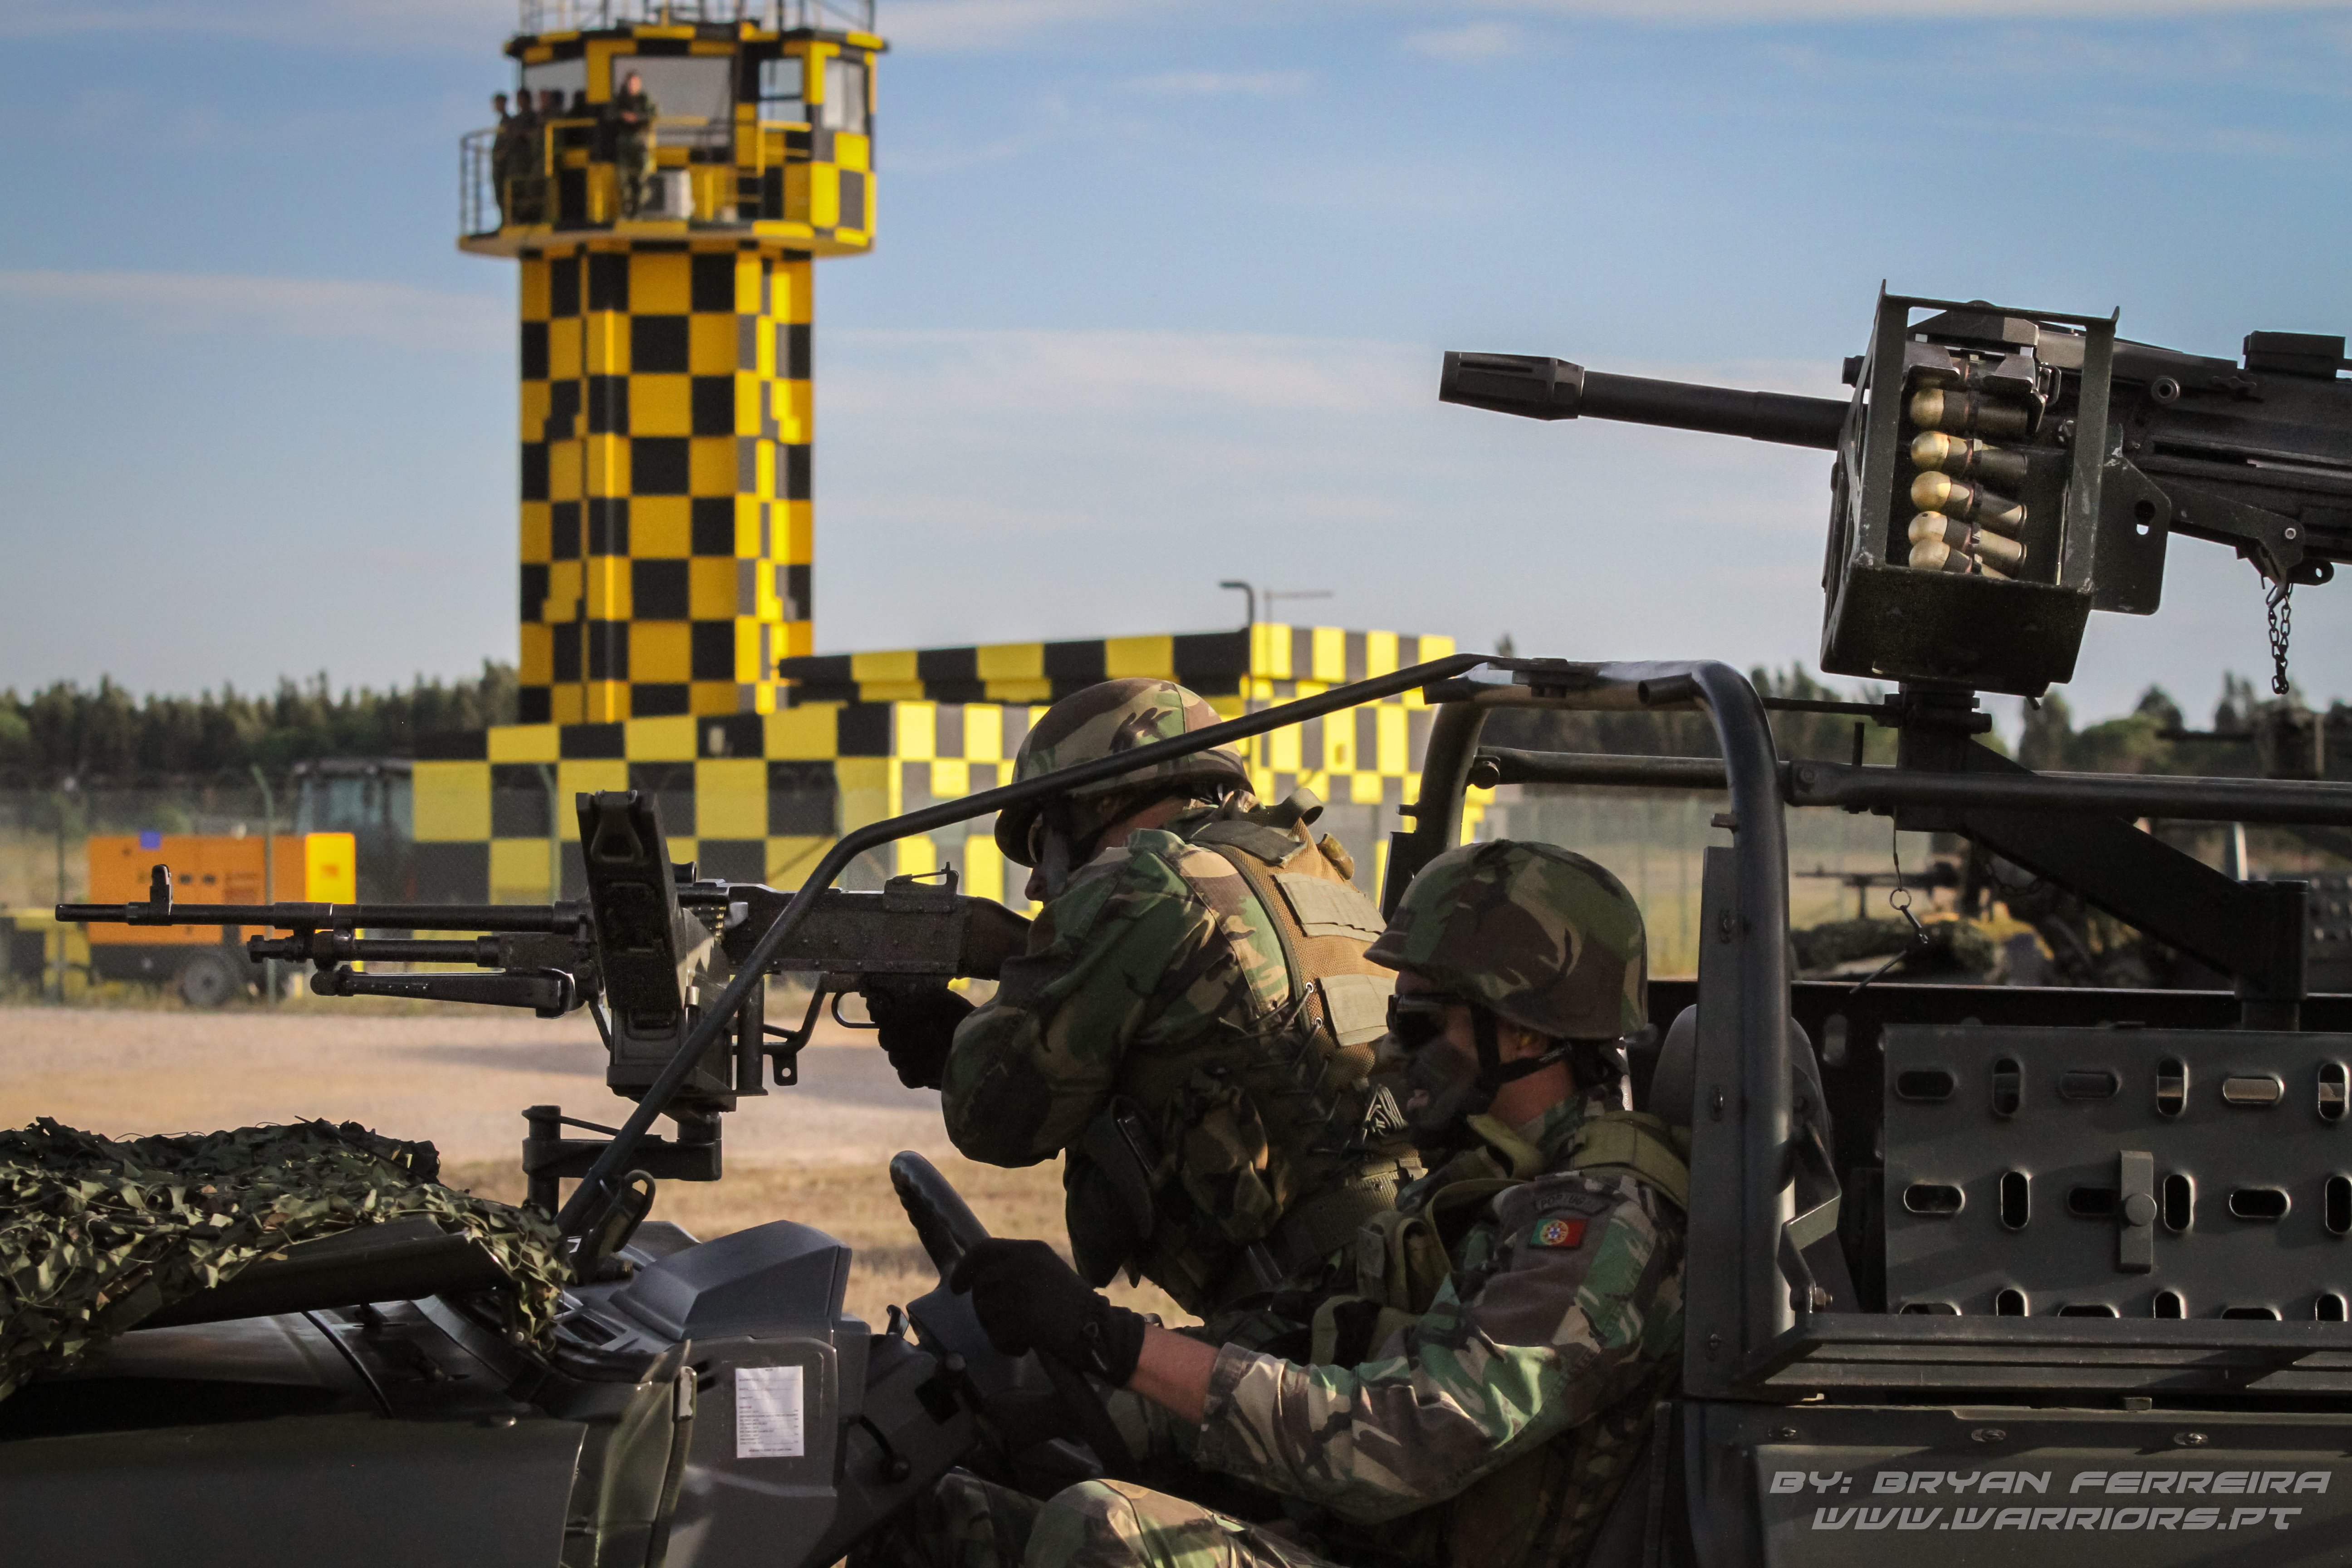 Land Cruiser da Companhia de comando e apoio do 2ª Batalhão de Paraquedistas disparam FN MAG e MK19. BIPARA